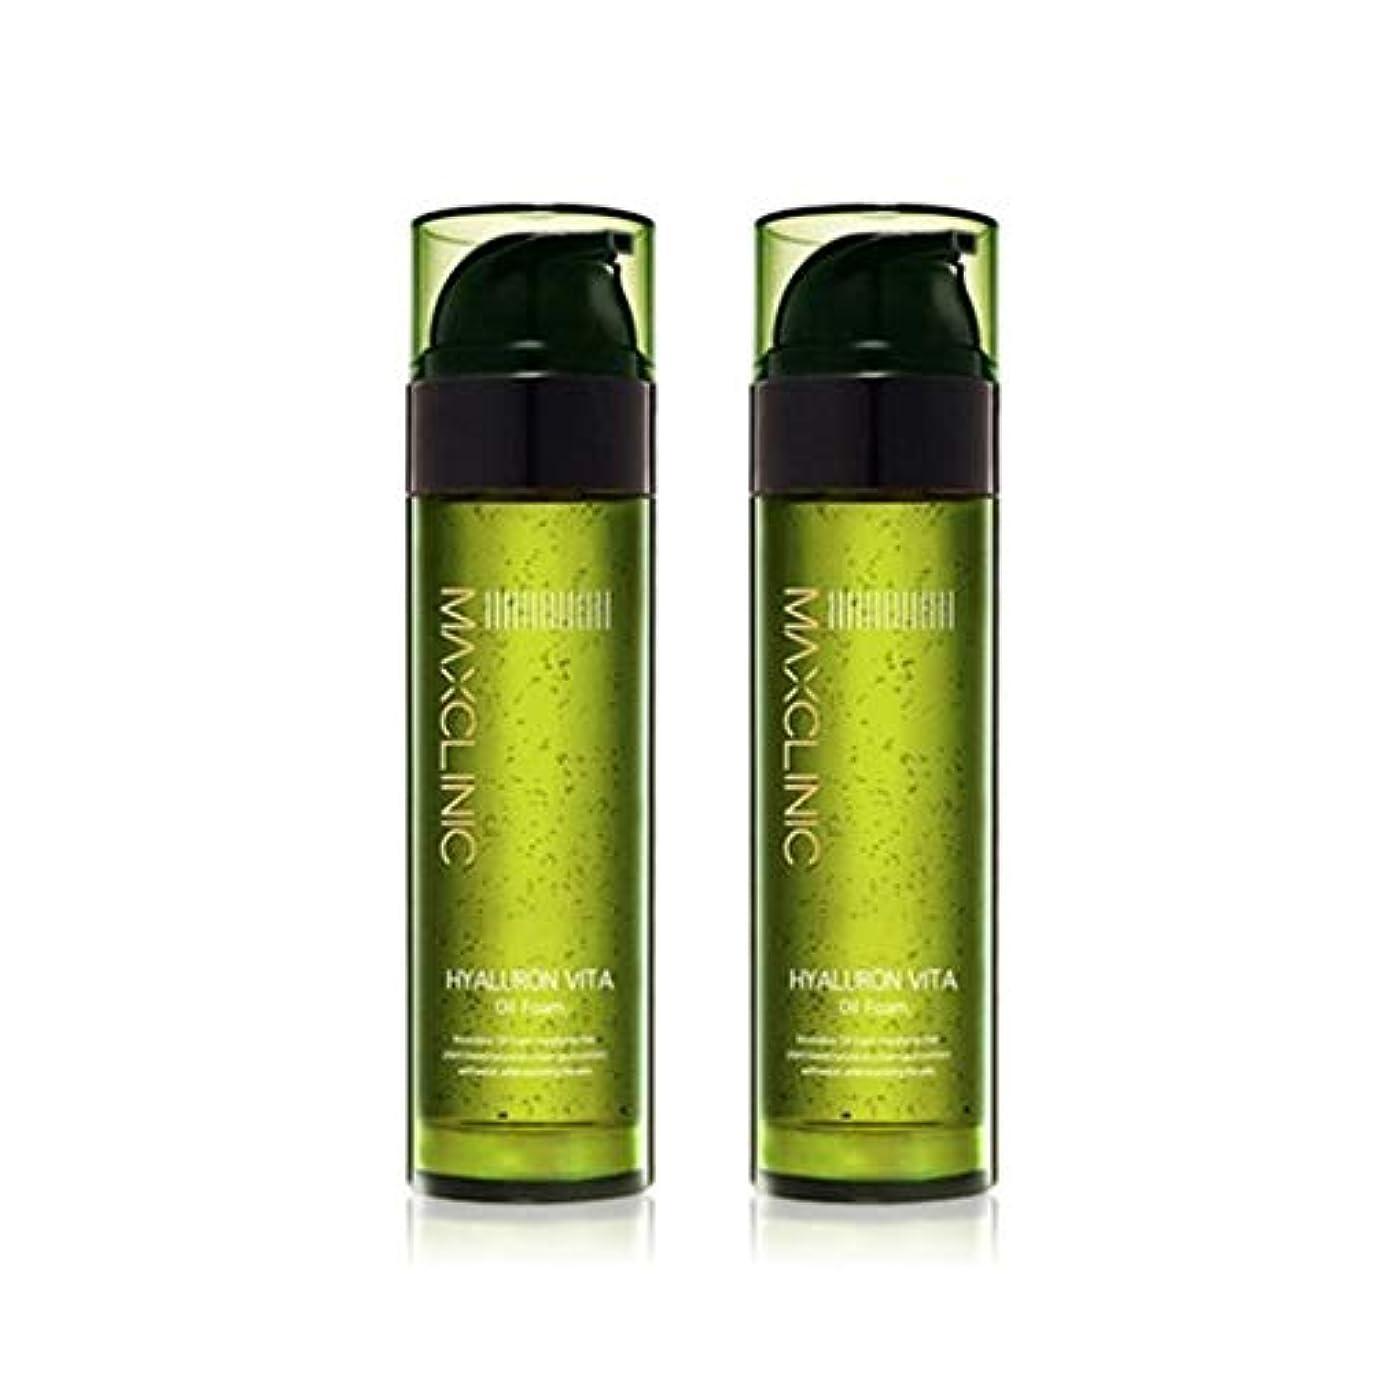 ロック解除作家フルーツ野菜マックスクリニックヒアルロンヴィータオイルフォーム110gx2本セット韓国コスメ、Maxclinic Hyaluronic Acid Vita Oil Foam 110g x 2ea Set Korean Cosmetics...